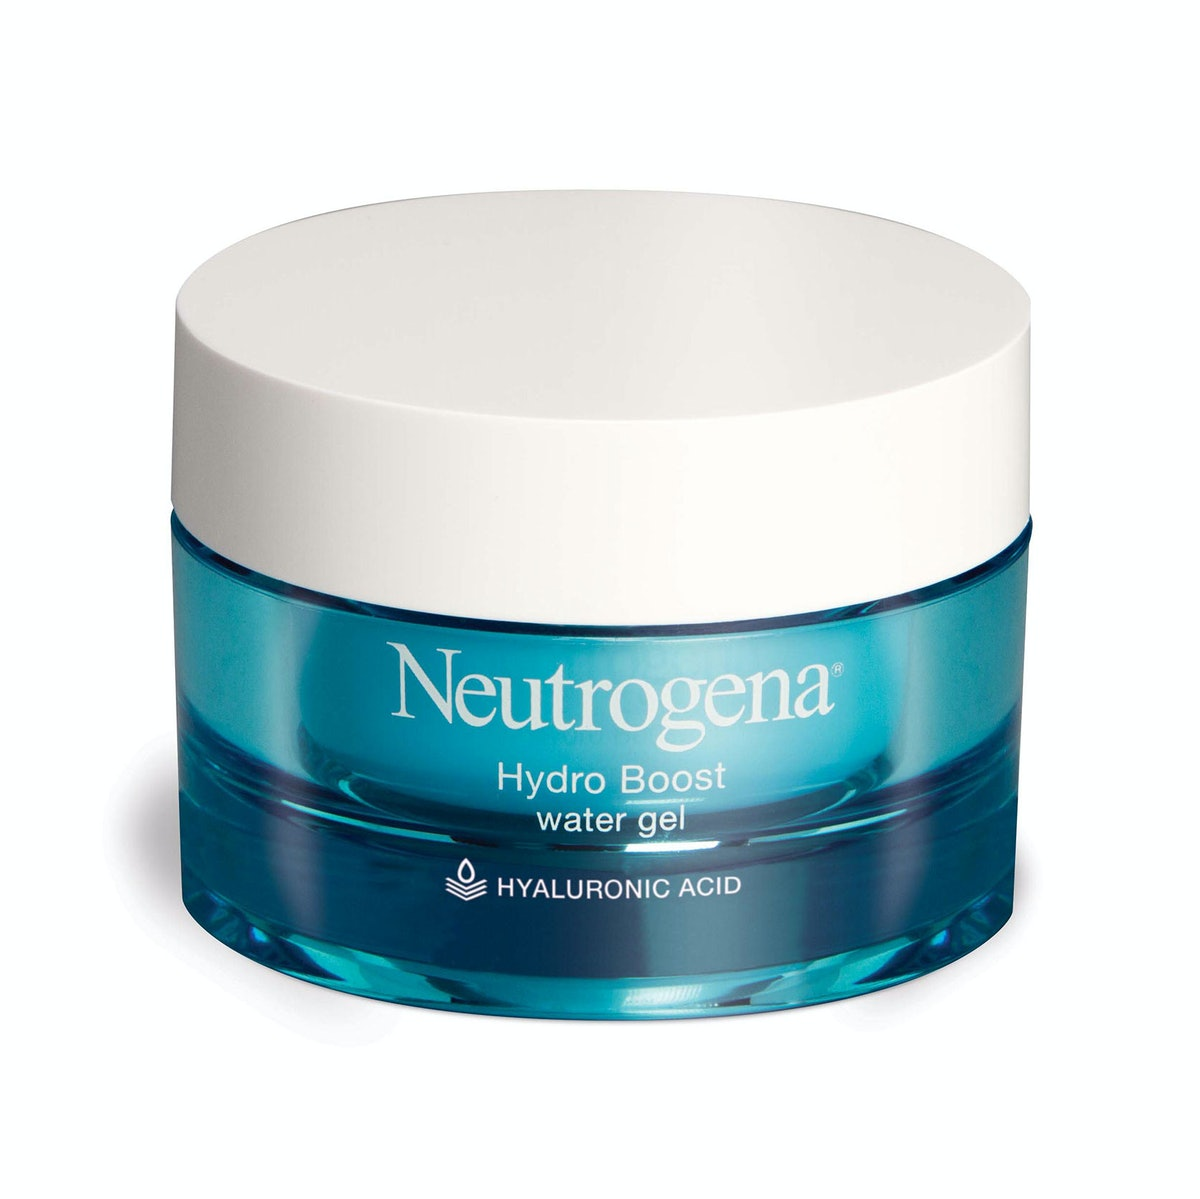 Neutrogena Hydro Boost Water Gel,